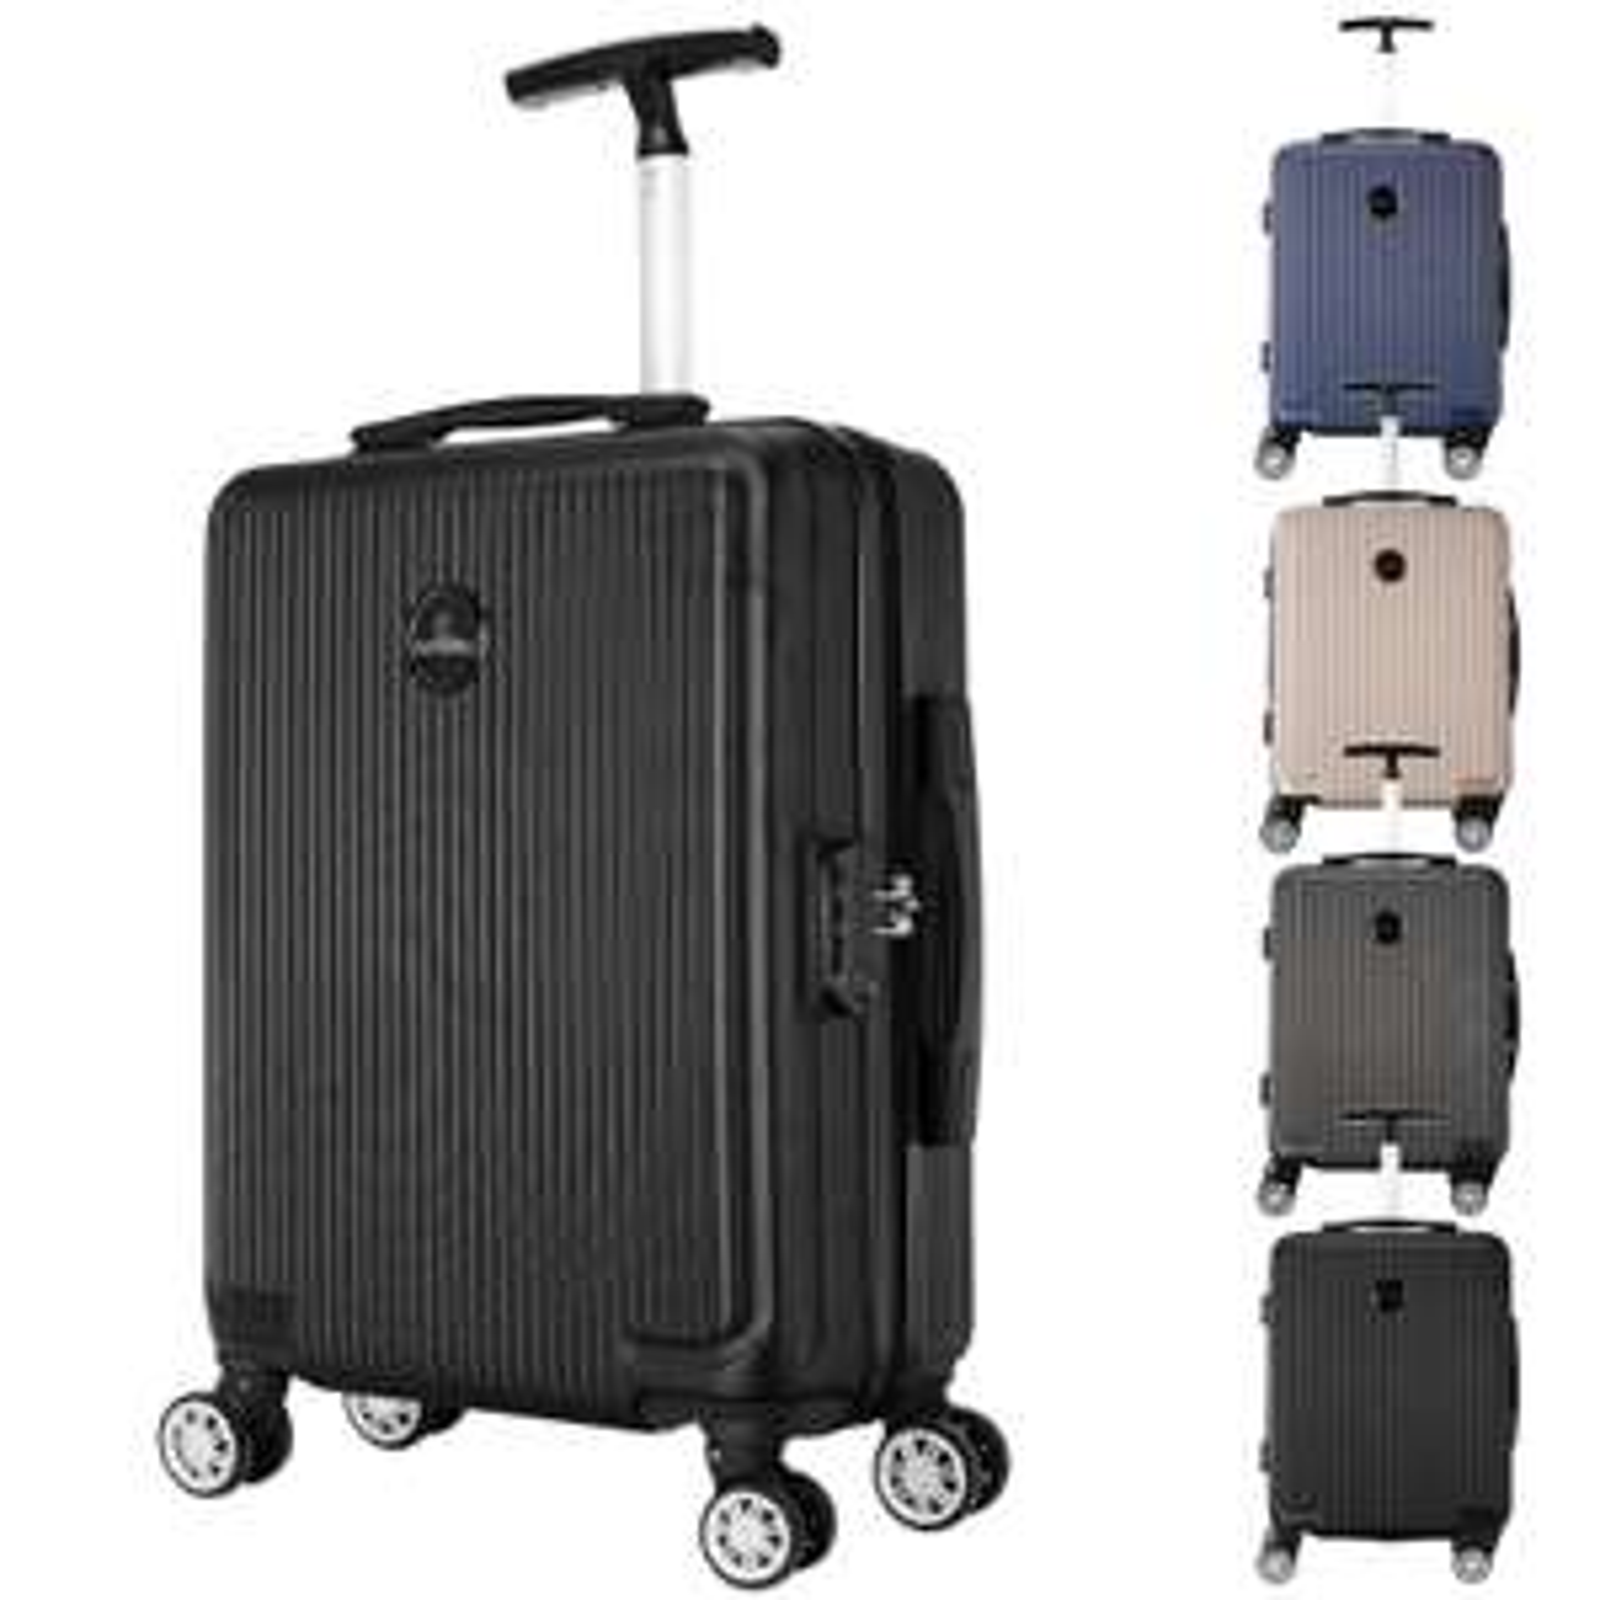 WOLTU  Hartschalen-Trolley schwarz, 55x40x20, für alle (Billig-) Airlines geeignet